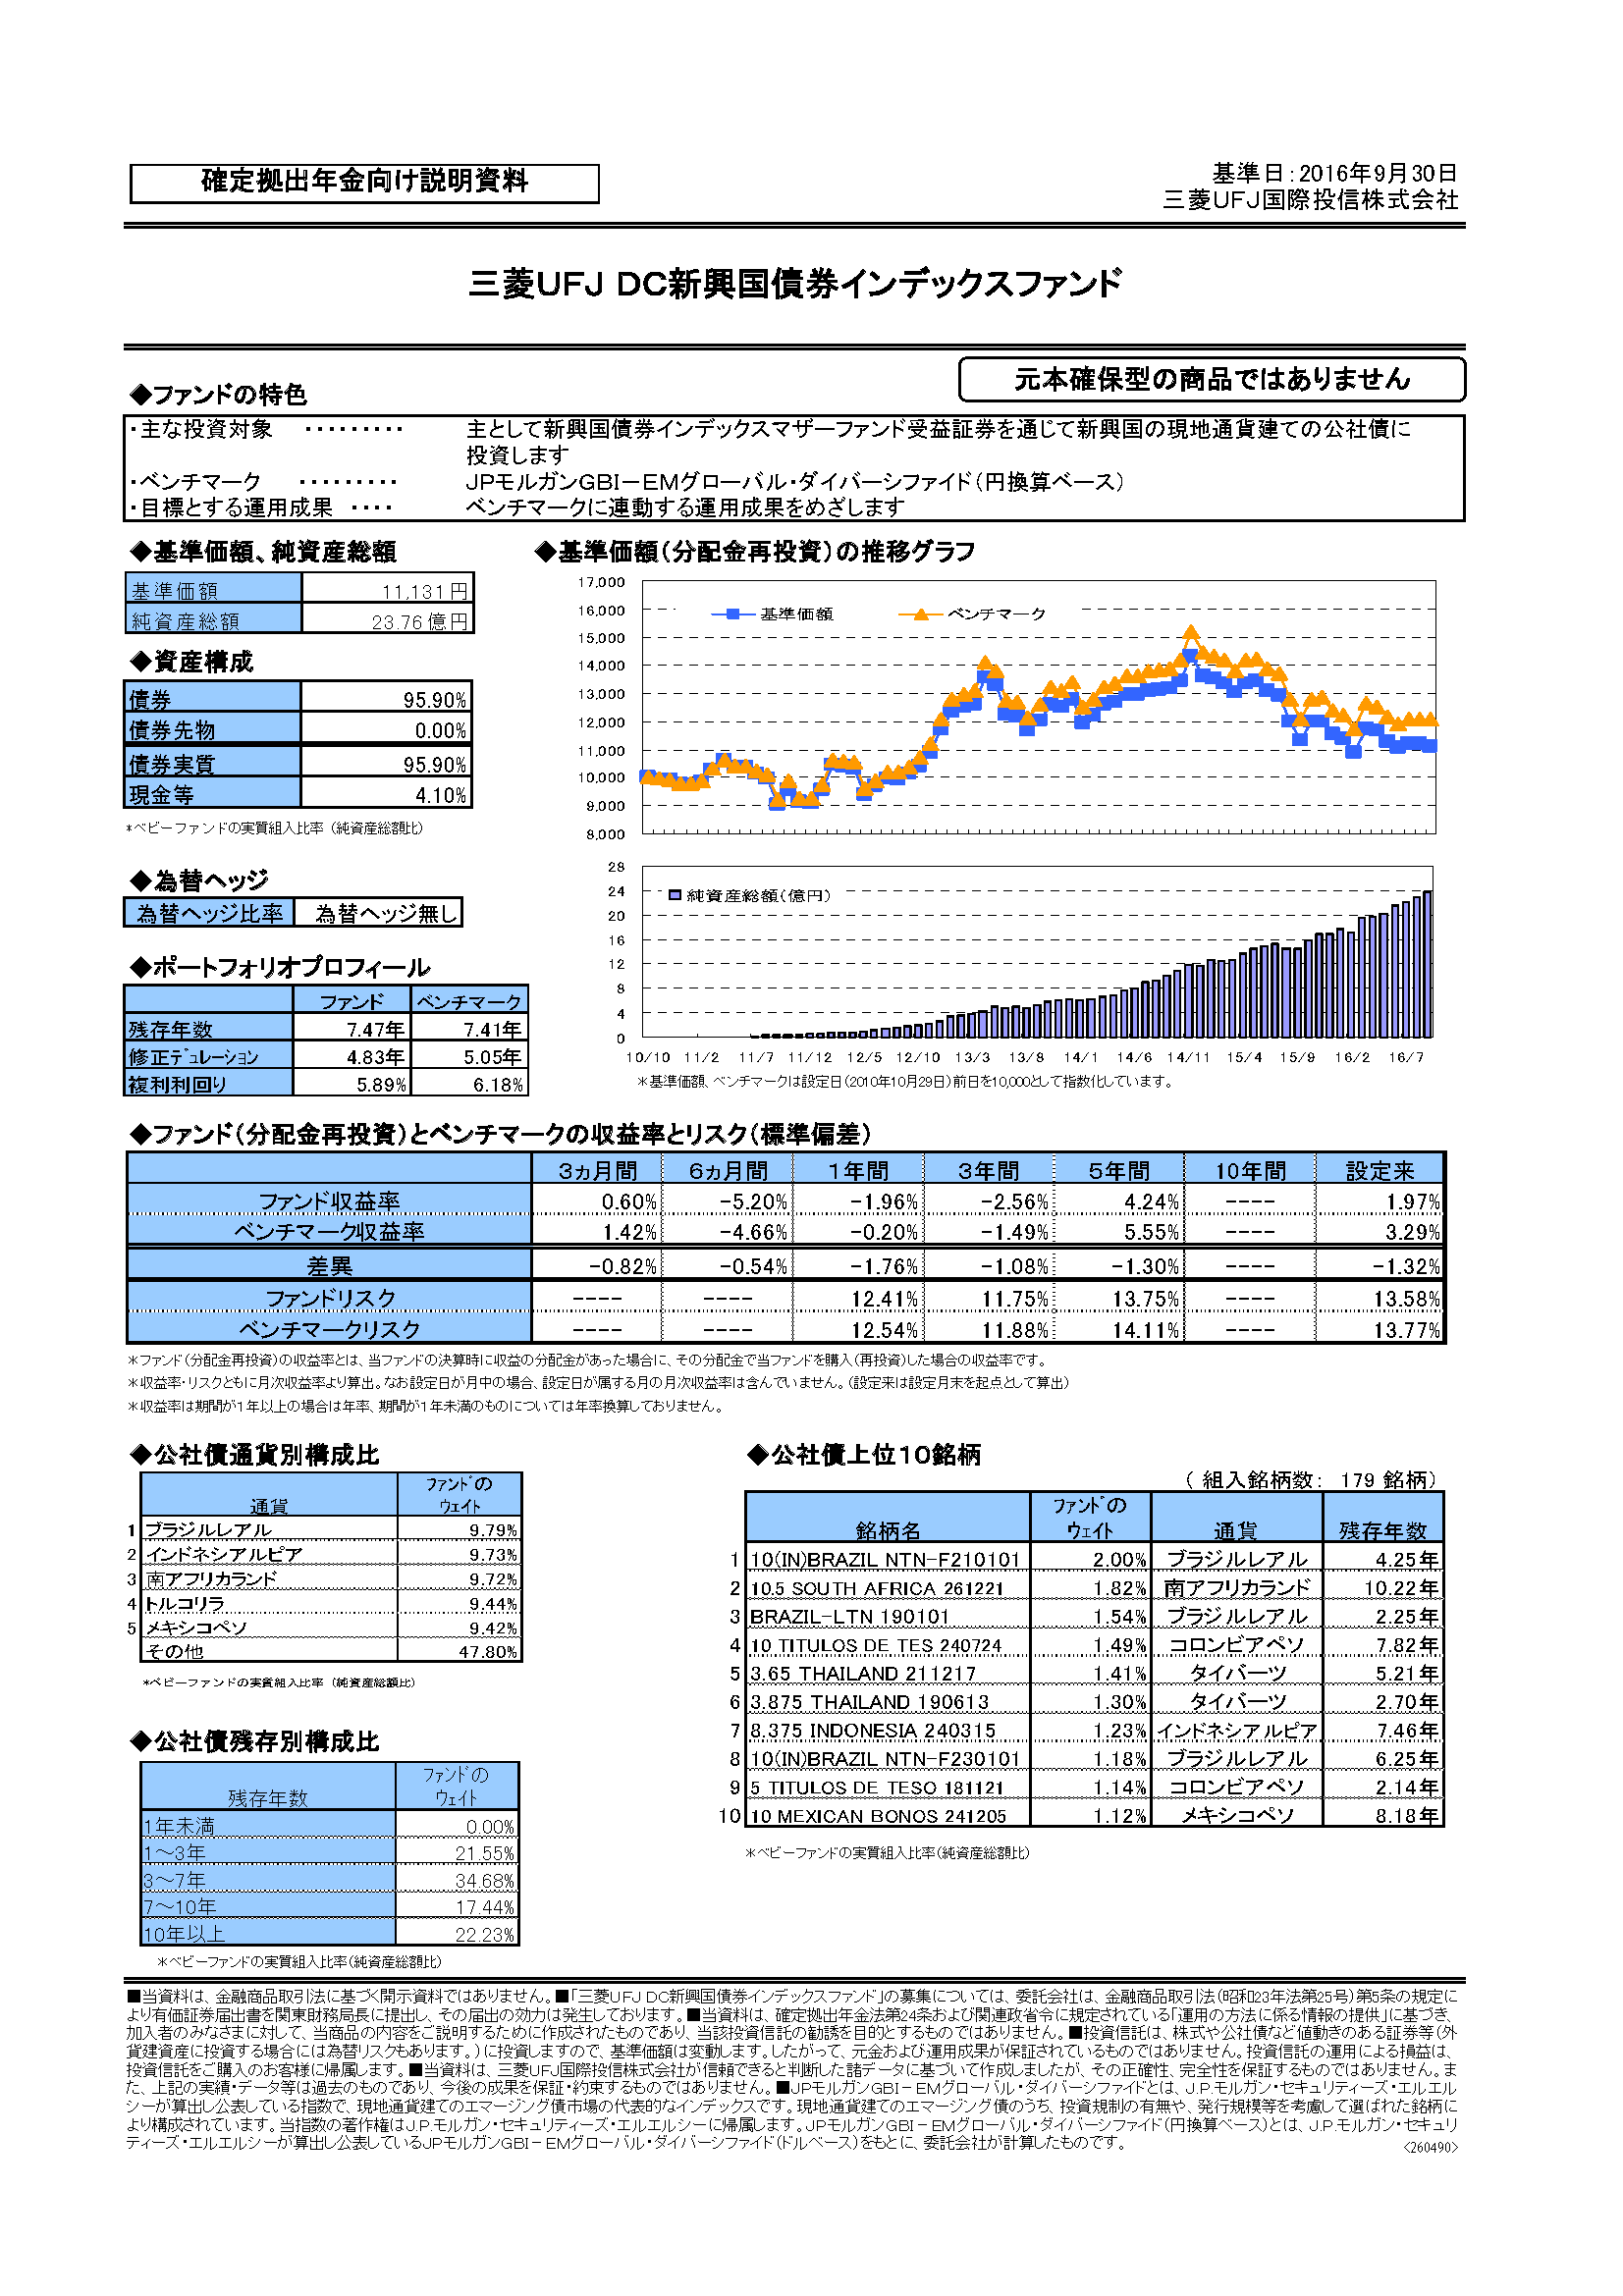 0331110a_mk_%e3%83%9a%e3%83%bc%e3%82%b8_1